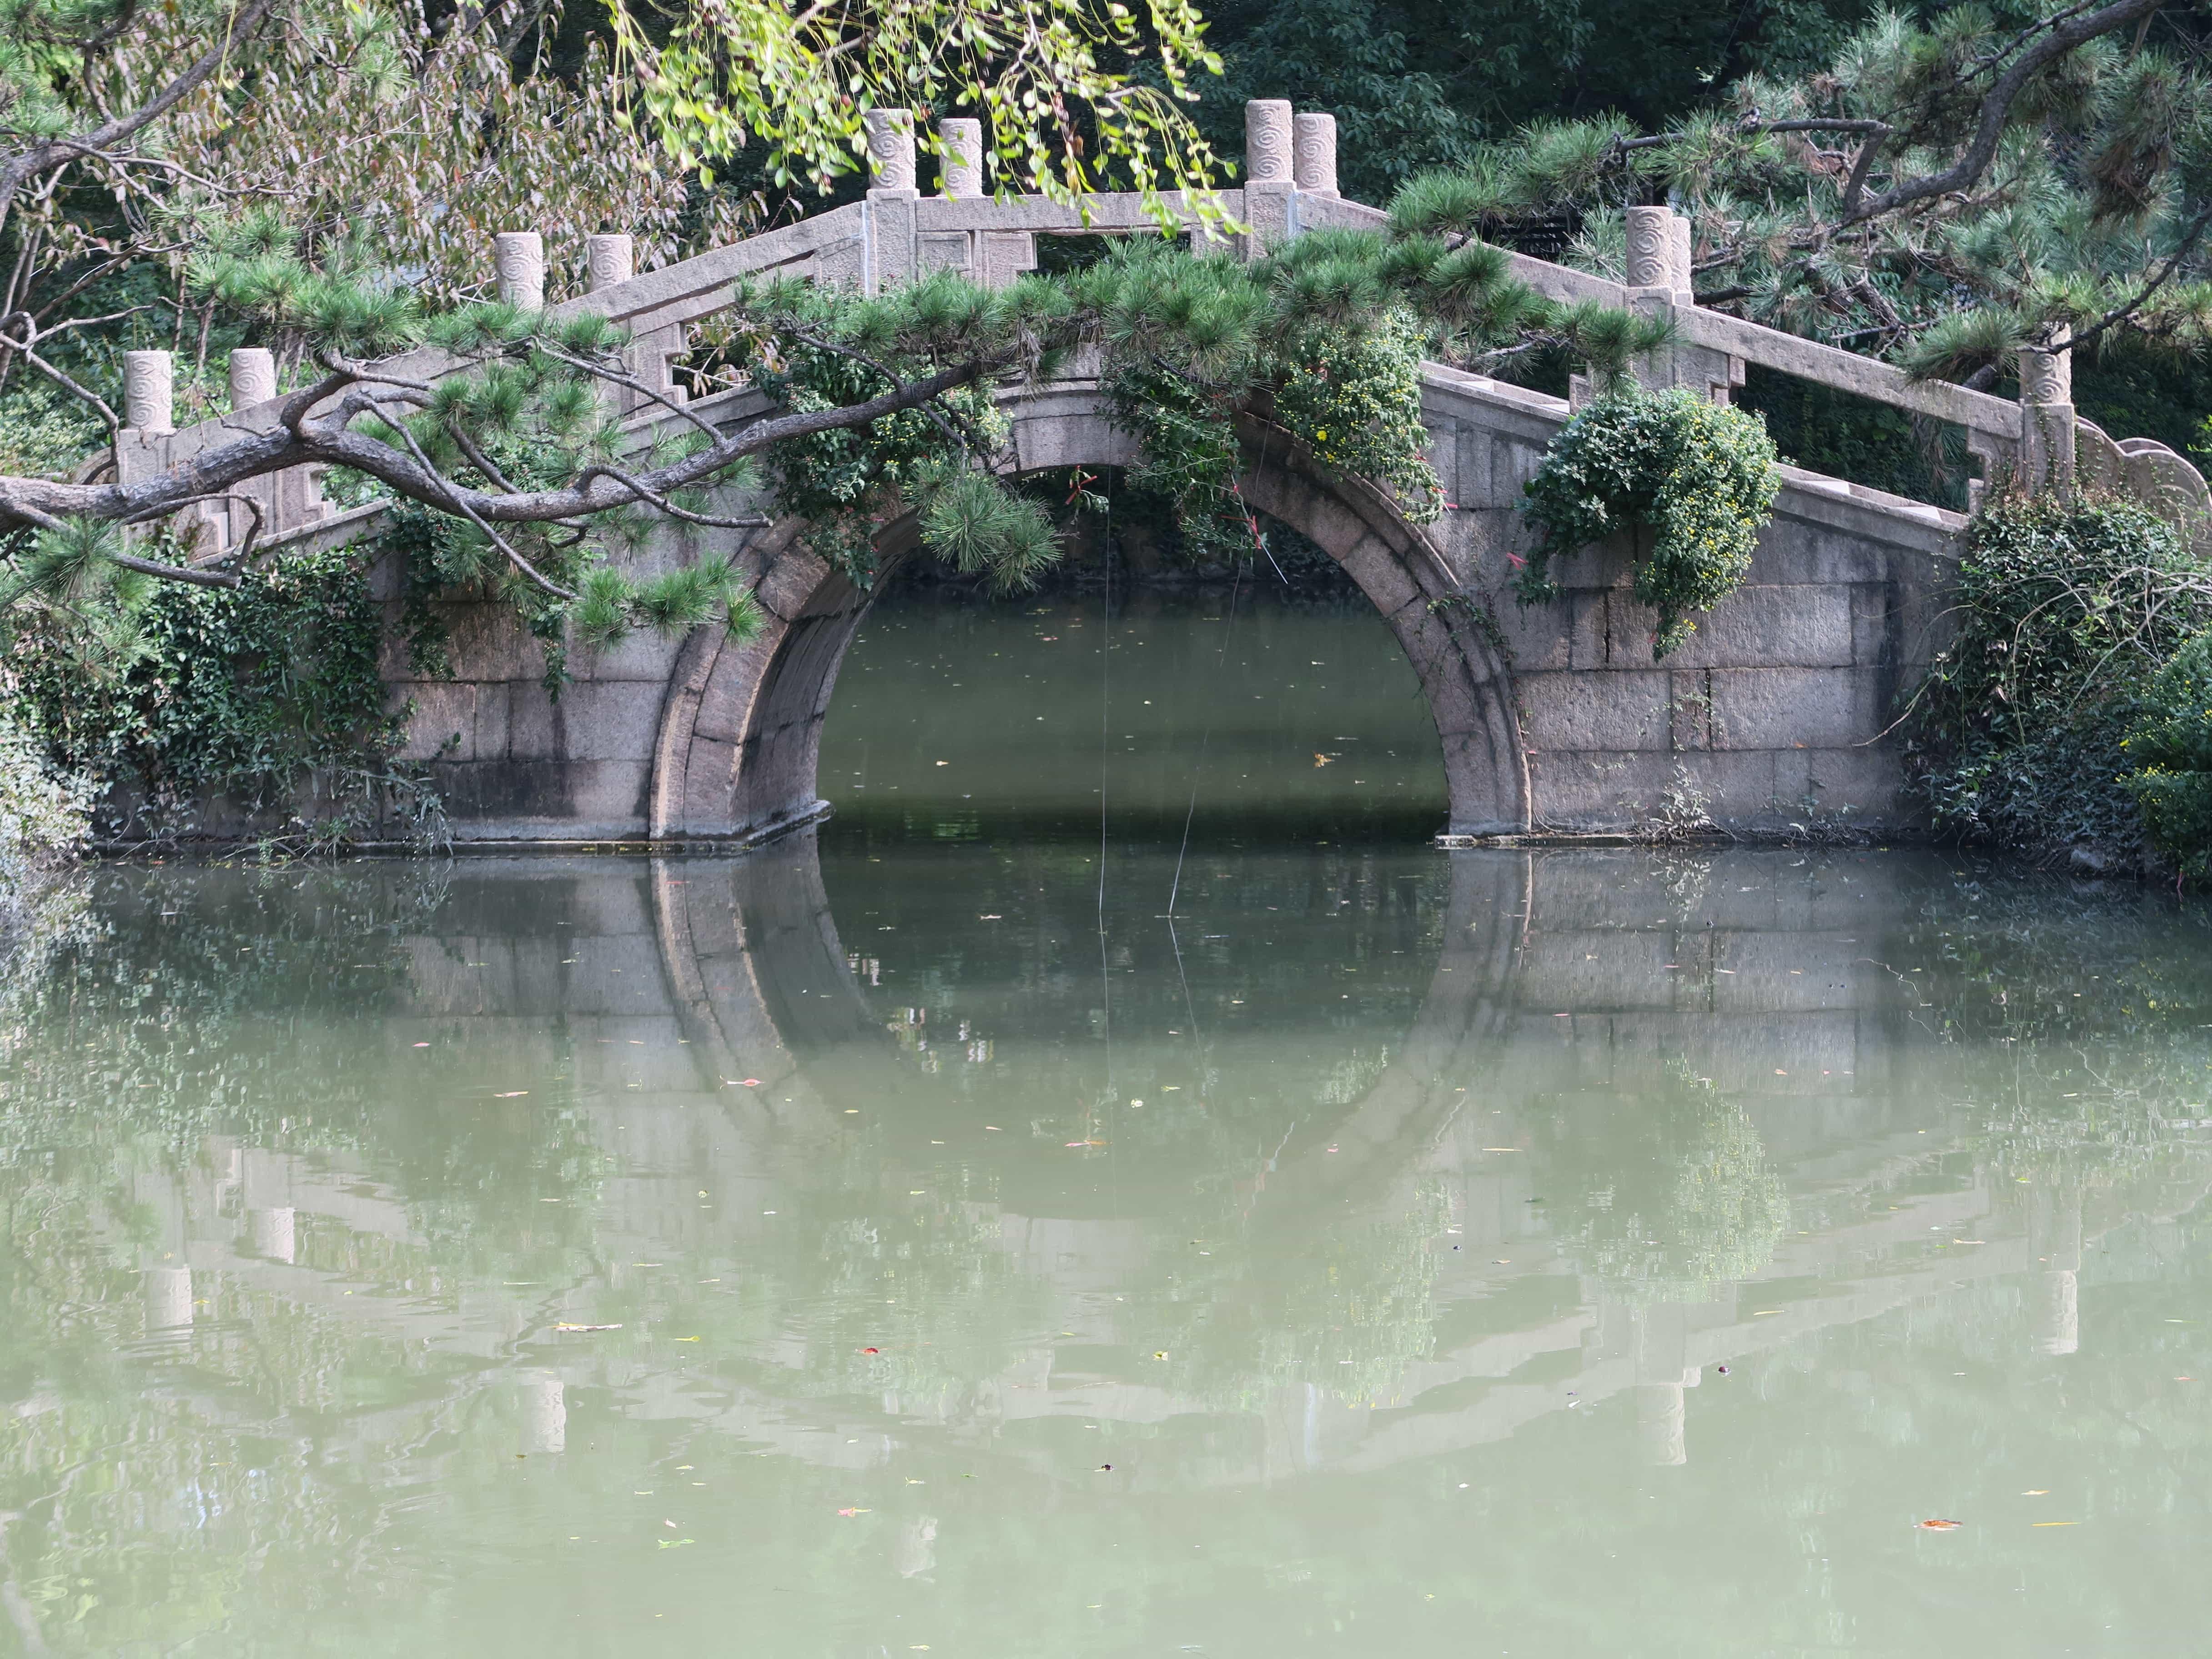 mysthischer grüner See mit kleiner Brücke und Kletterpflanzen